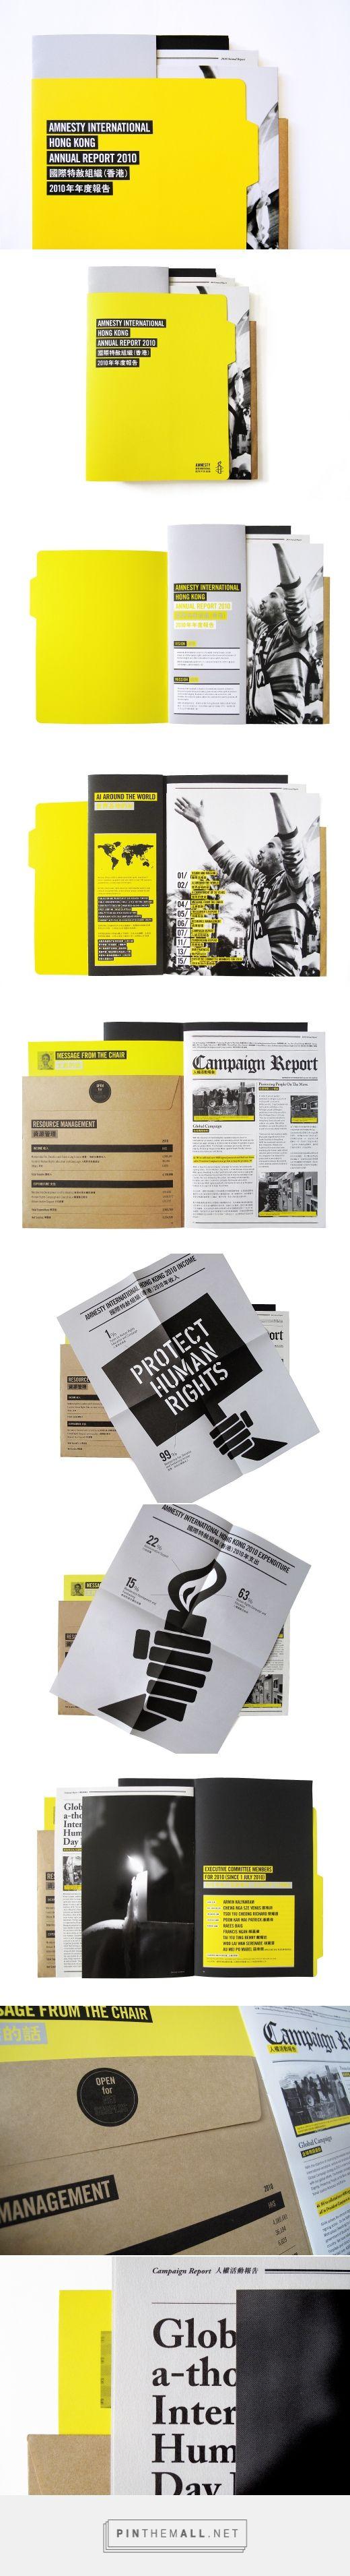 Amnesty International Hong Kong Annual Report 2010 on Behance - created via https://pinthemall.net